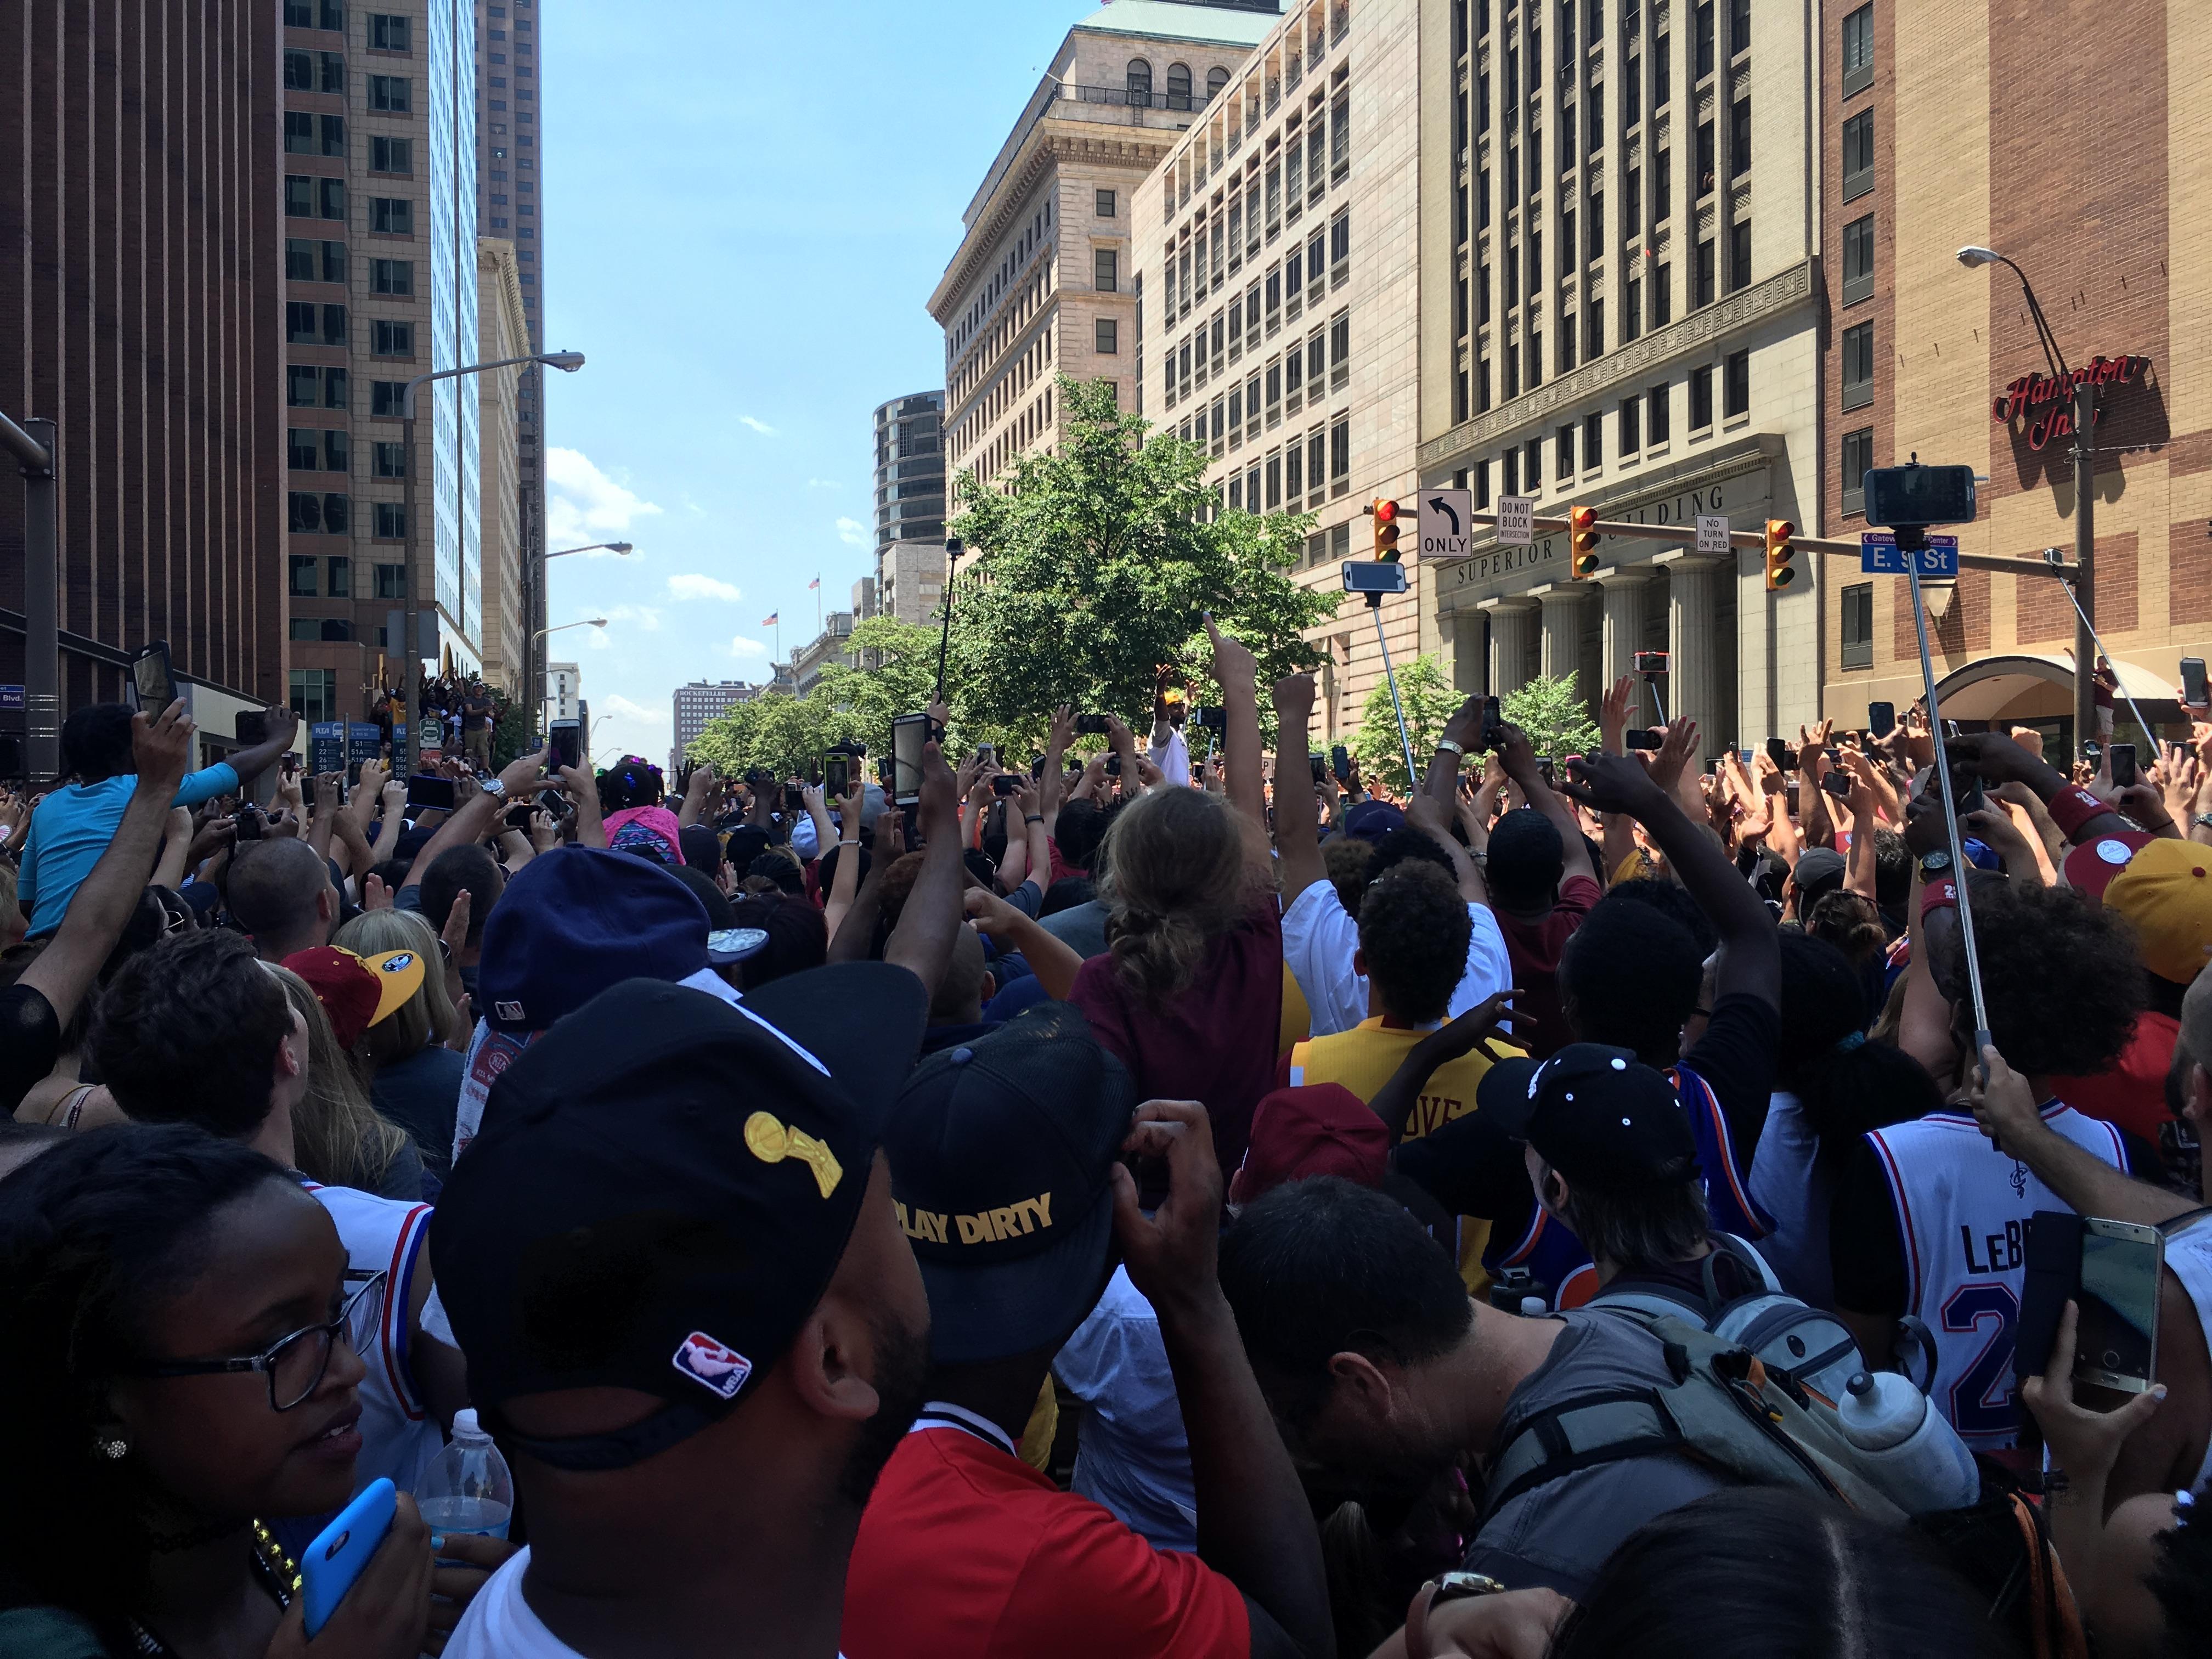 在克里夫兰参加 2016 年骑士 NBA 夺冠庆典是怎样一种体验?